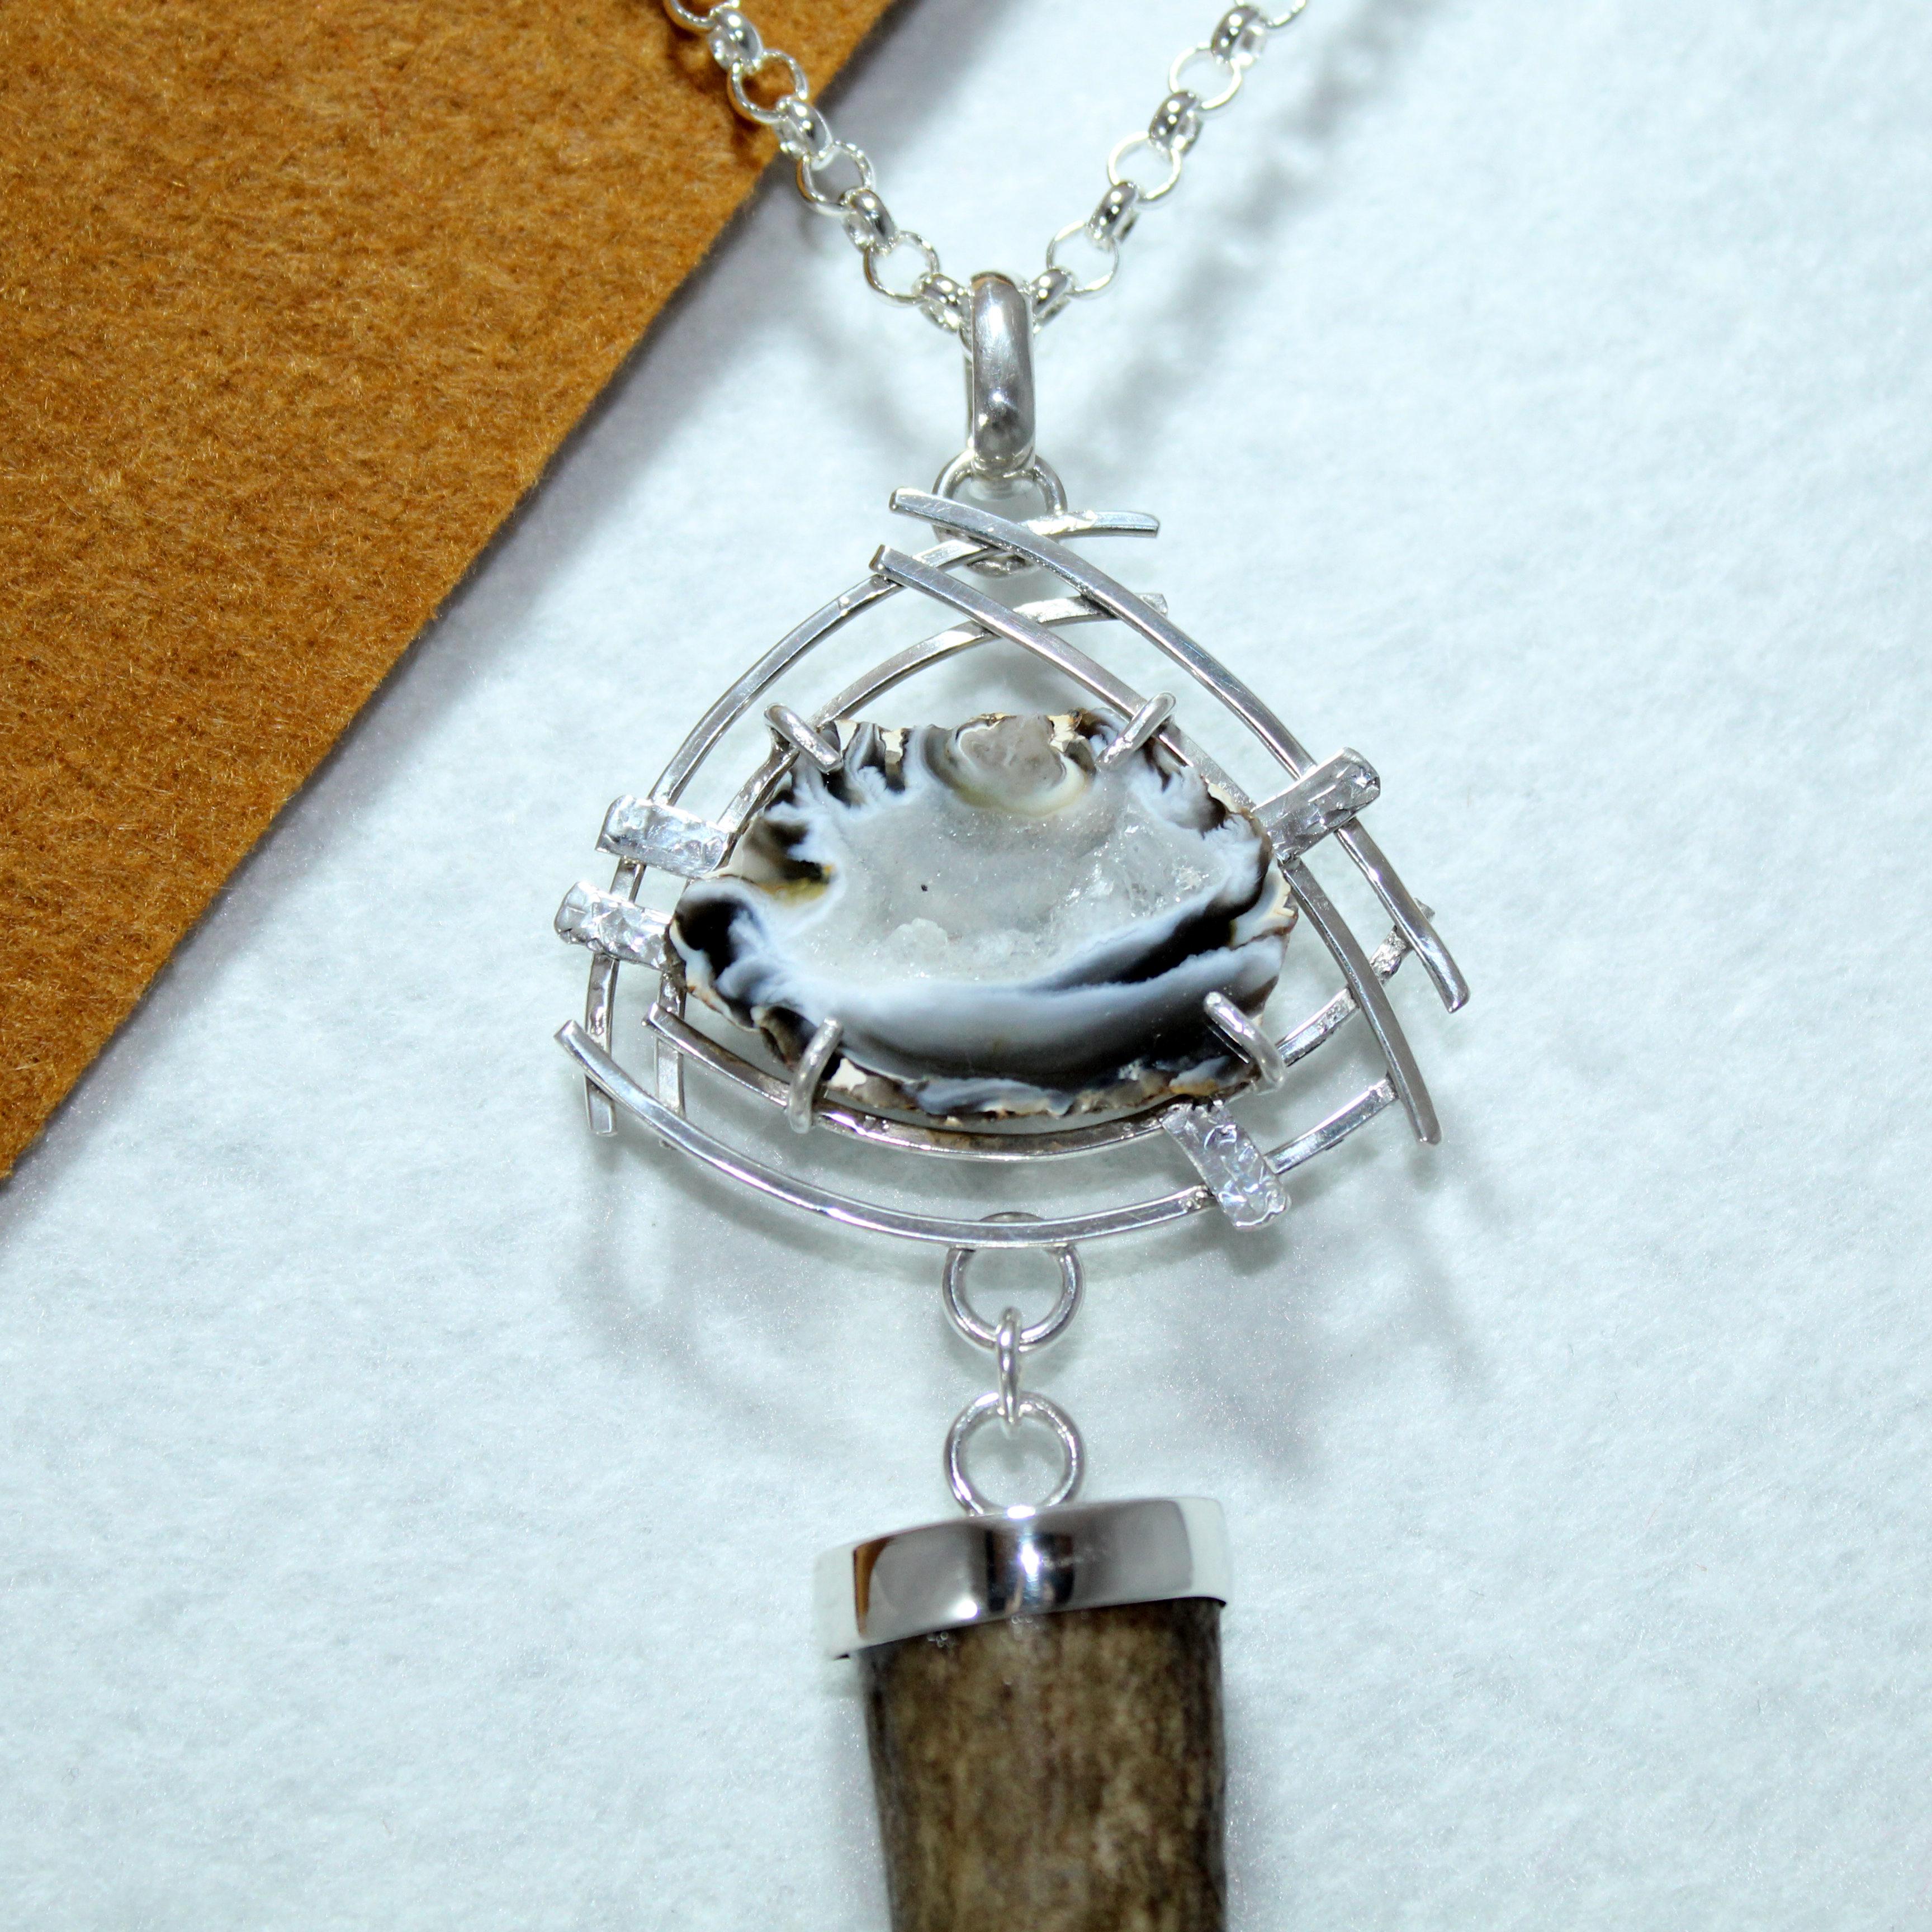 Colgante con geoda y cuerno de venado engarzado en plata 925 joyas cinegéticas